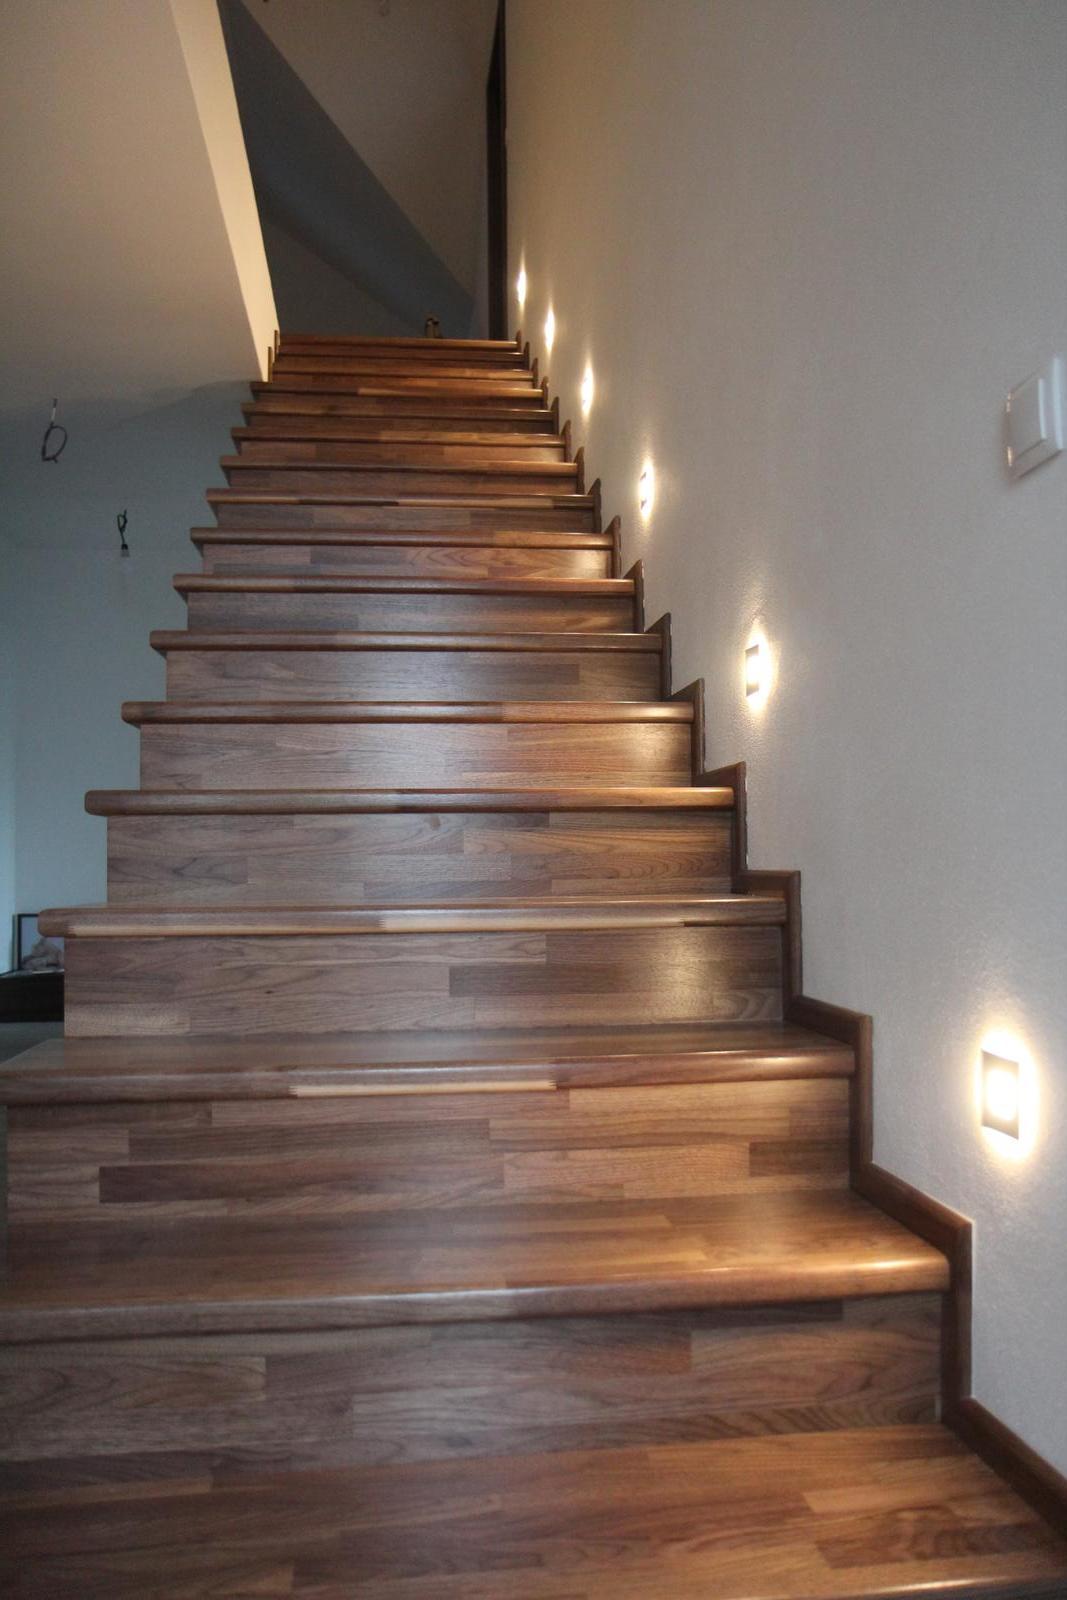 Tak jde čas aneb jak si stavíme sen :-) - Nové schody :-D